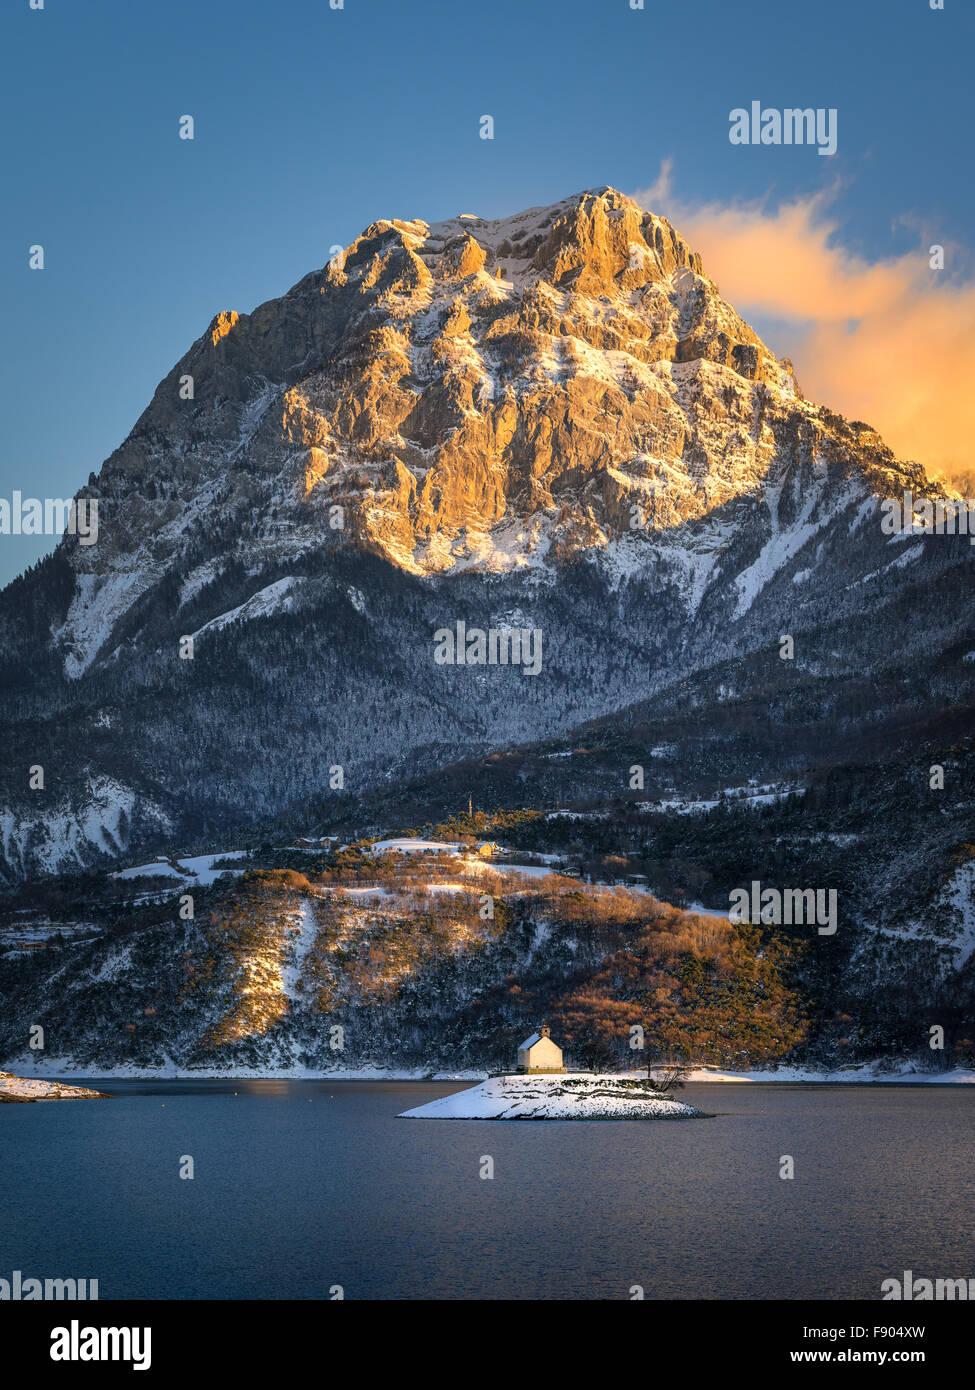 Inverno vista al tramonto del Grand Morgon monte che sovrasta la Saint Michel Bay di Serre Poncon lake, Alpi del Immagini Stock